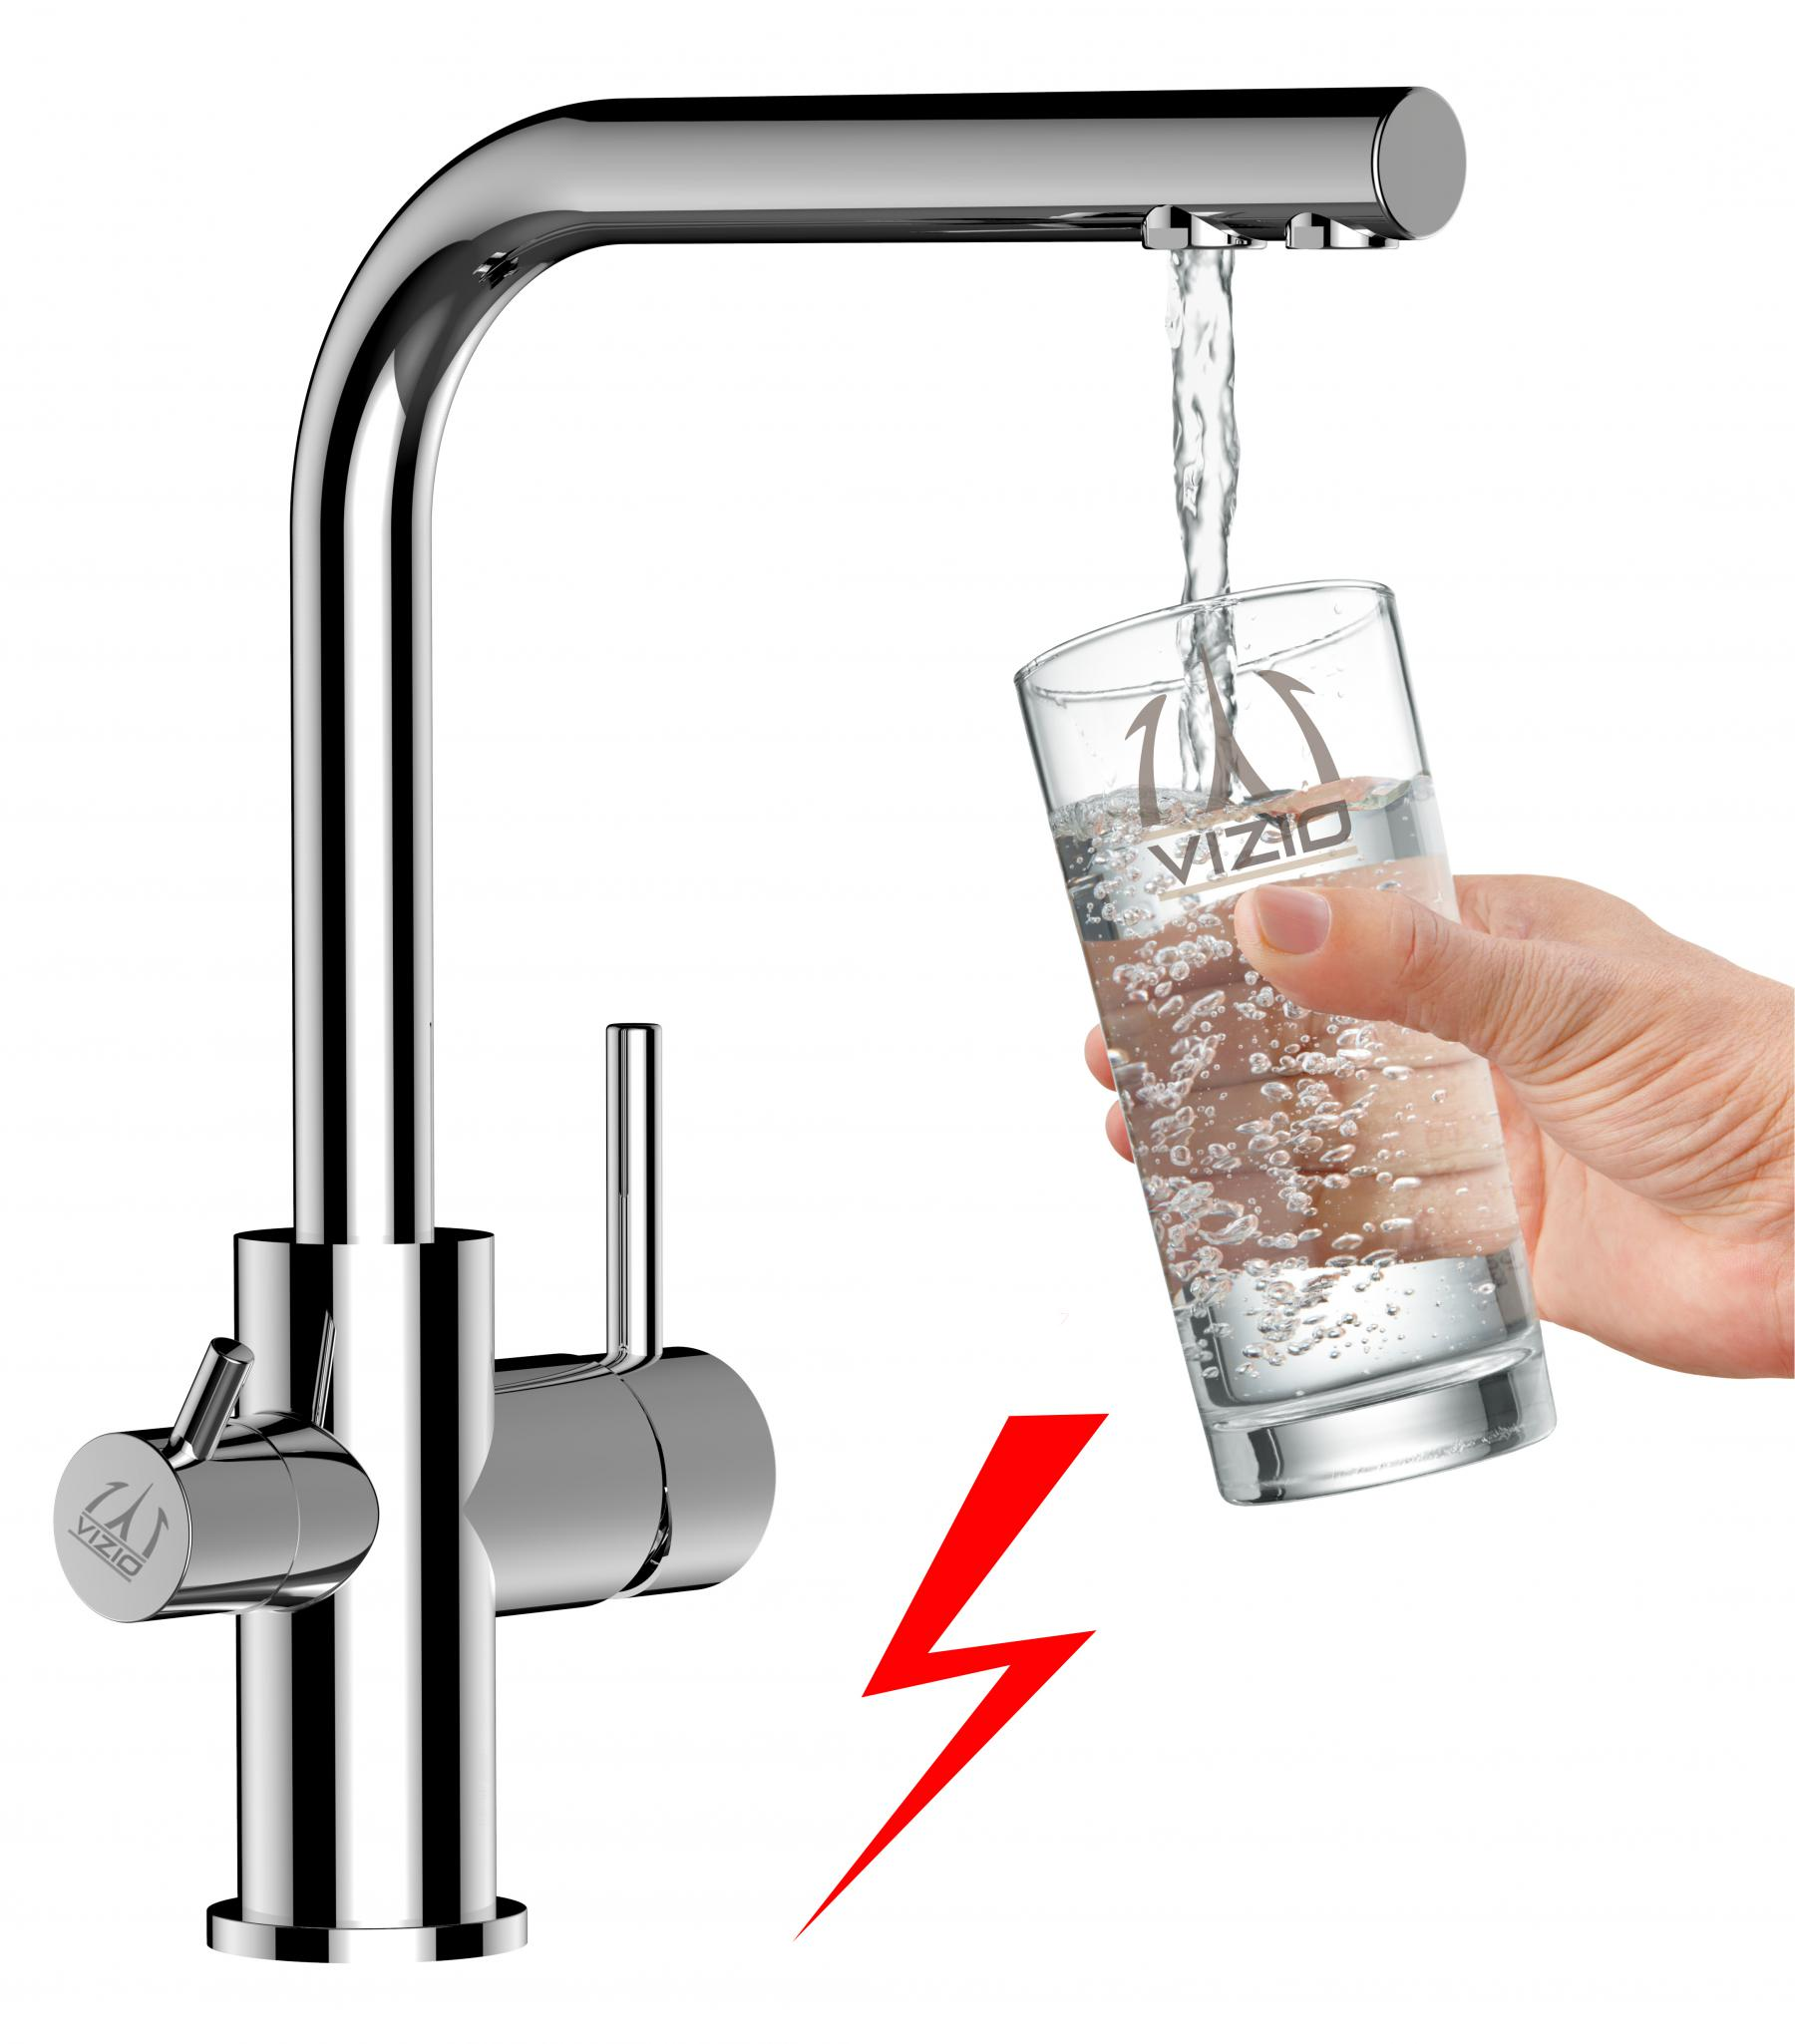 NIEDERDRUCK Küchenarmatur Umkehr Osmose, Filter, Trinkwasser ...